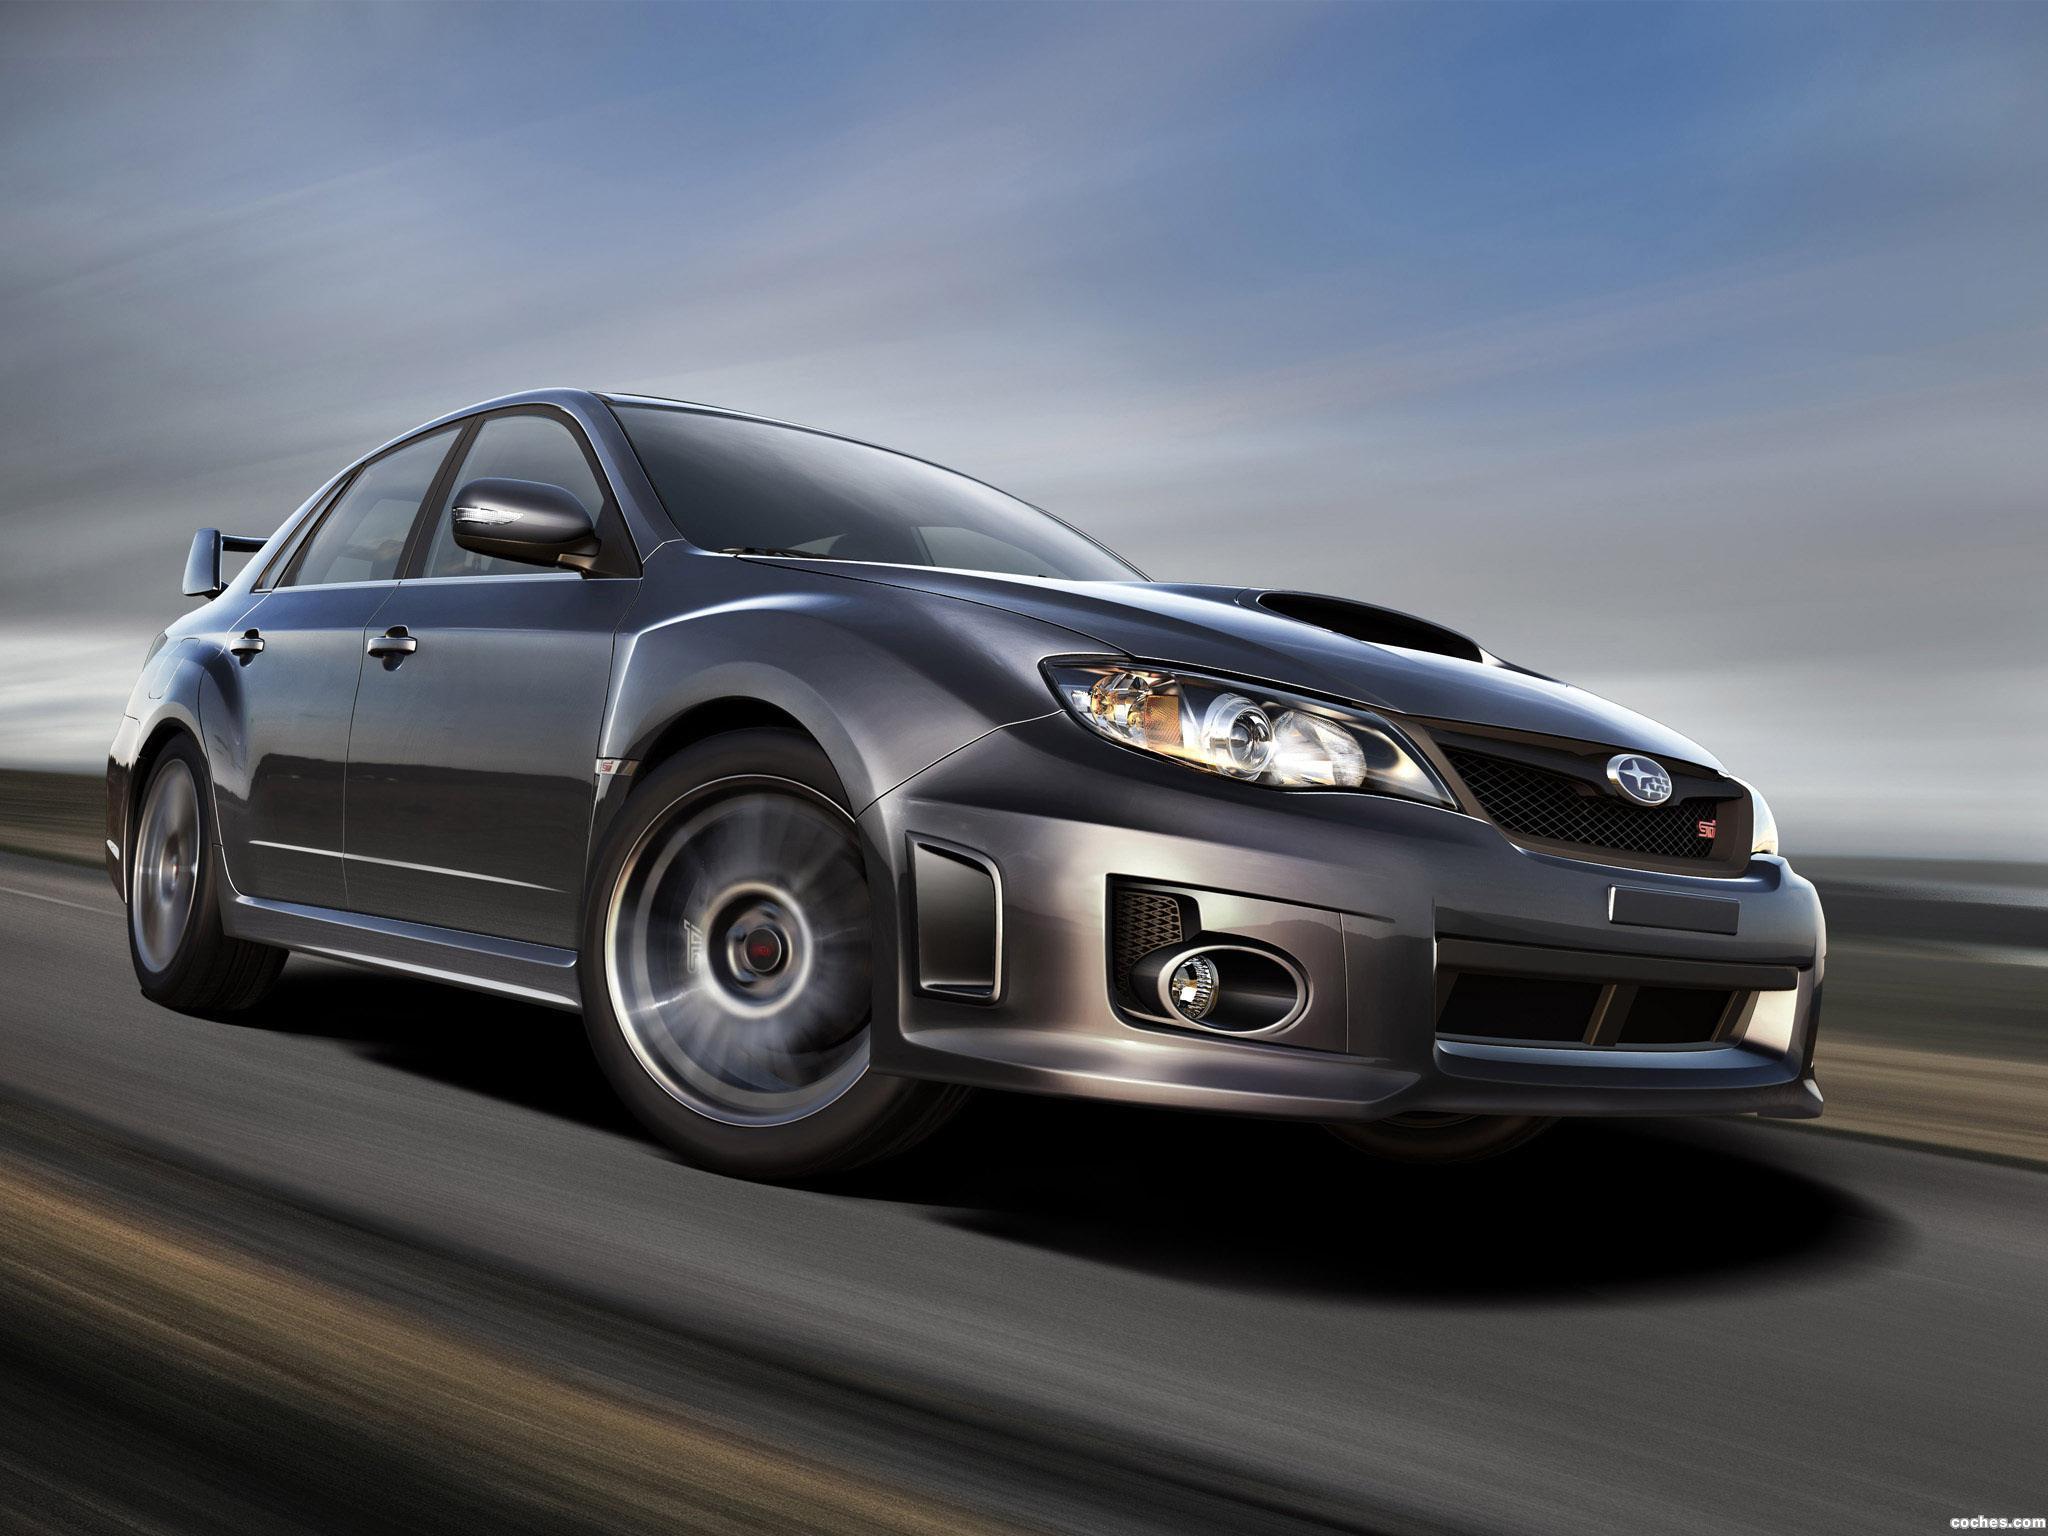 Foto 0 de Subaru Impreza WRX STi Sedan USA 2010